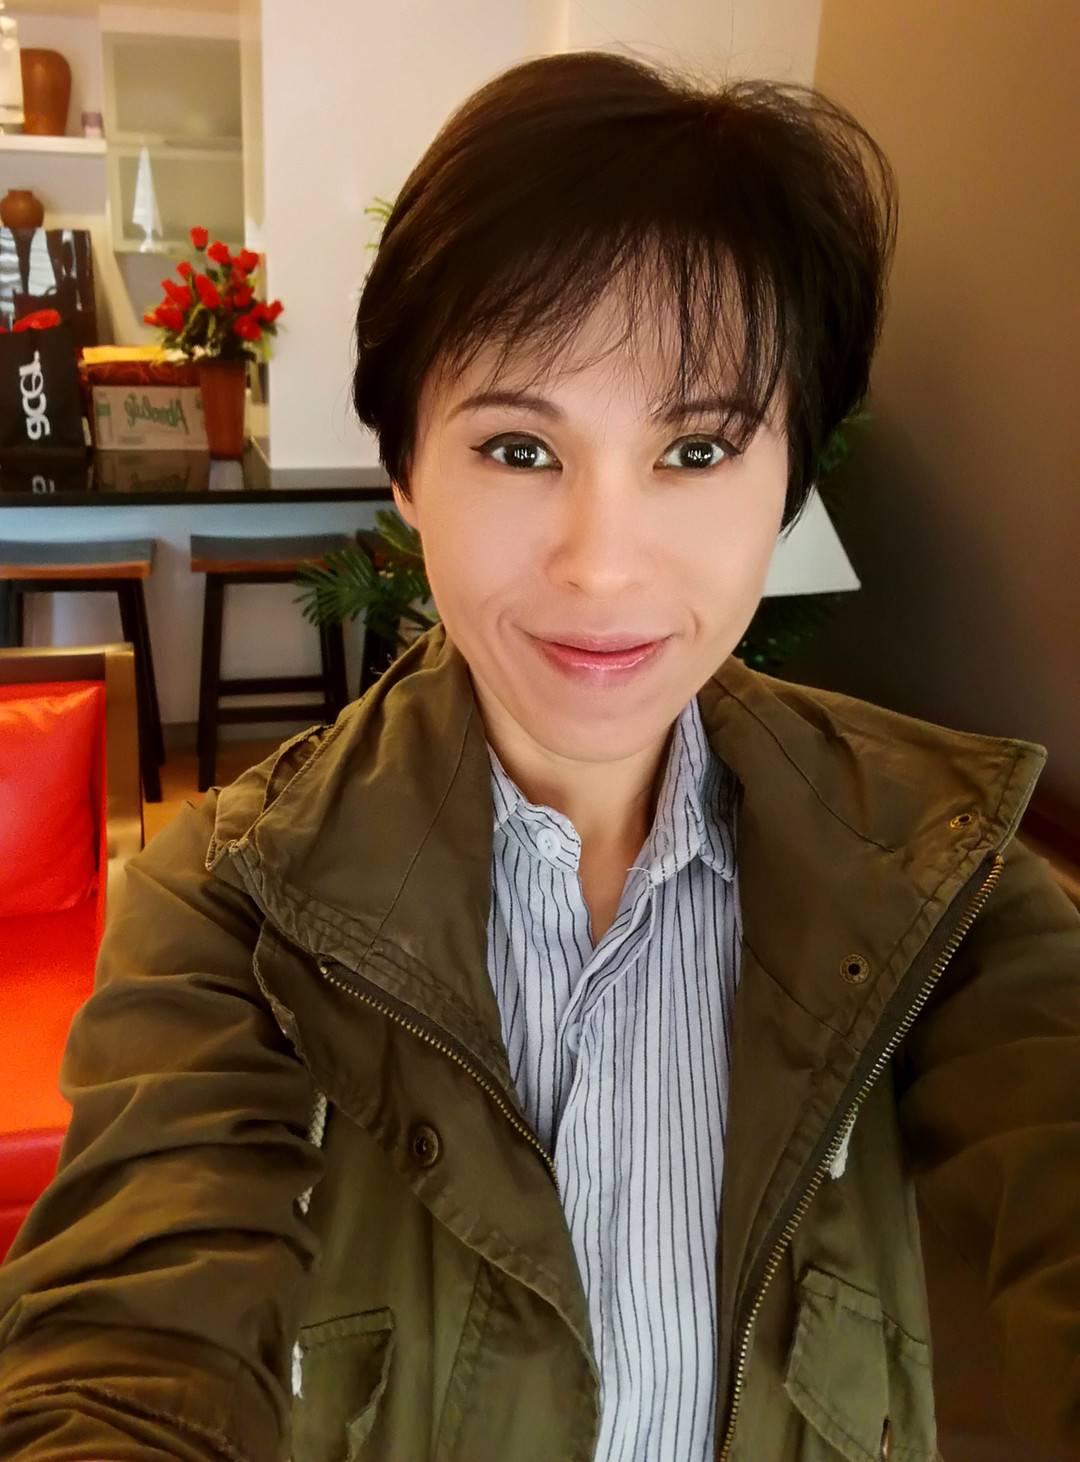 封面专访 | 马来西亚华语作家黎紫书:在追求高速的社会里,开着文学这艘慢船